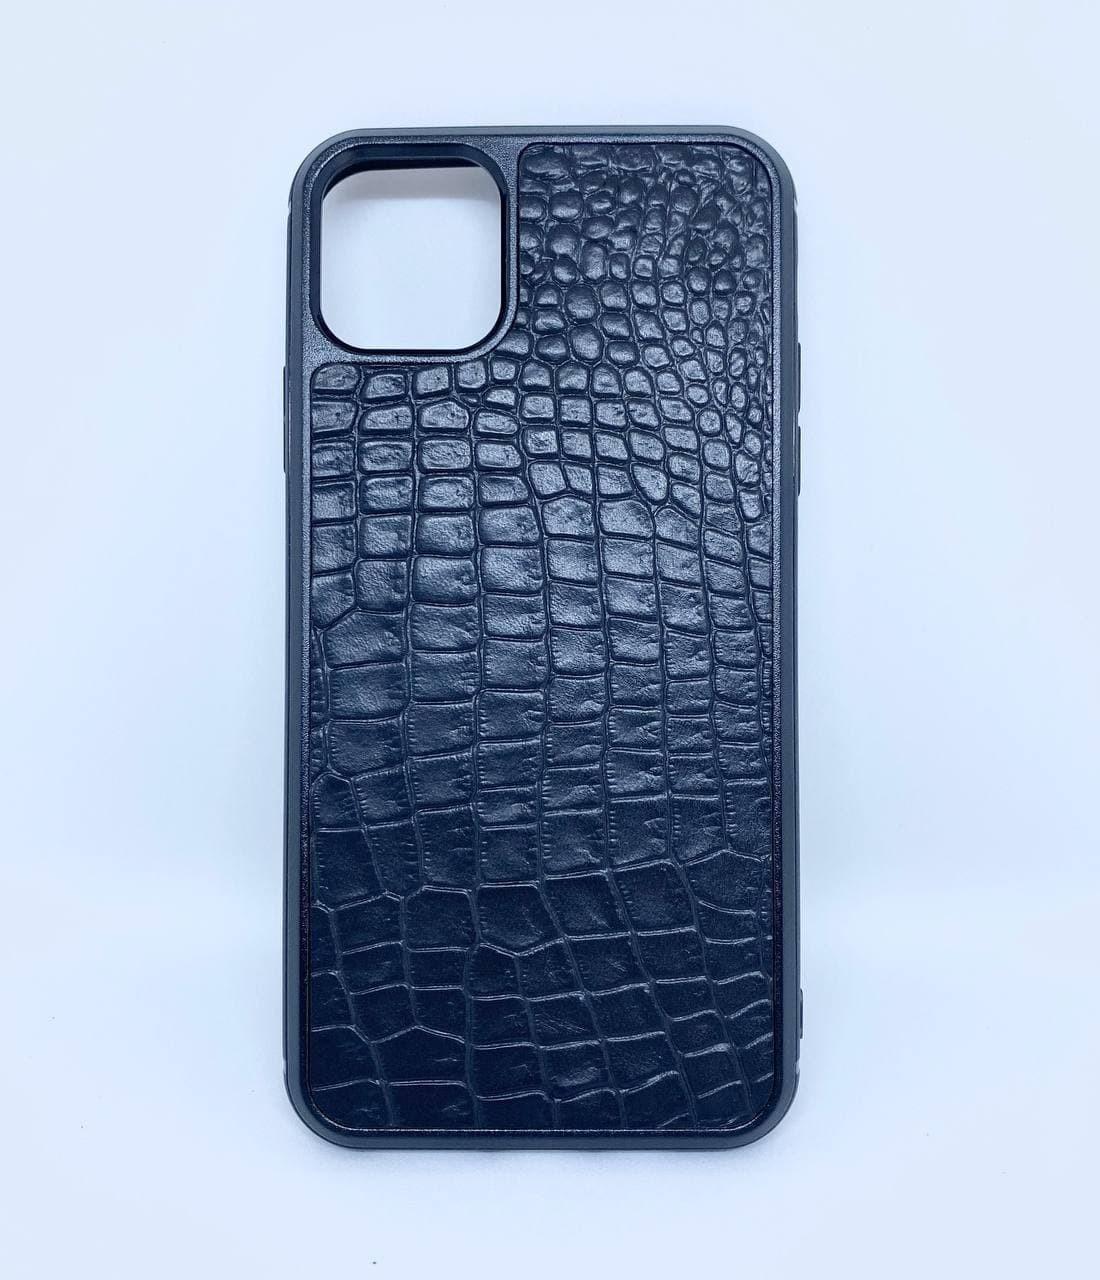 Чехол CaZe для iPhone 11 Pro Max с тиснением под крокодила черный мелкая фактура